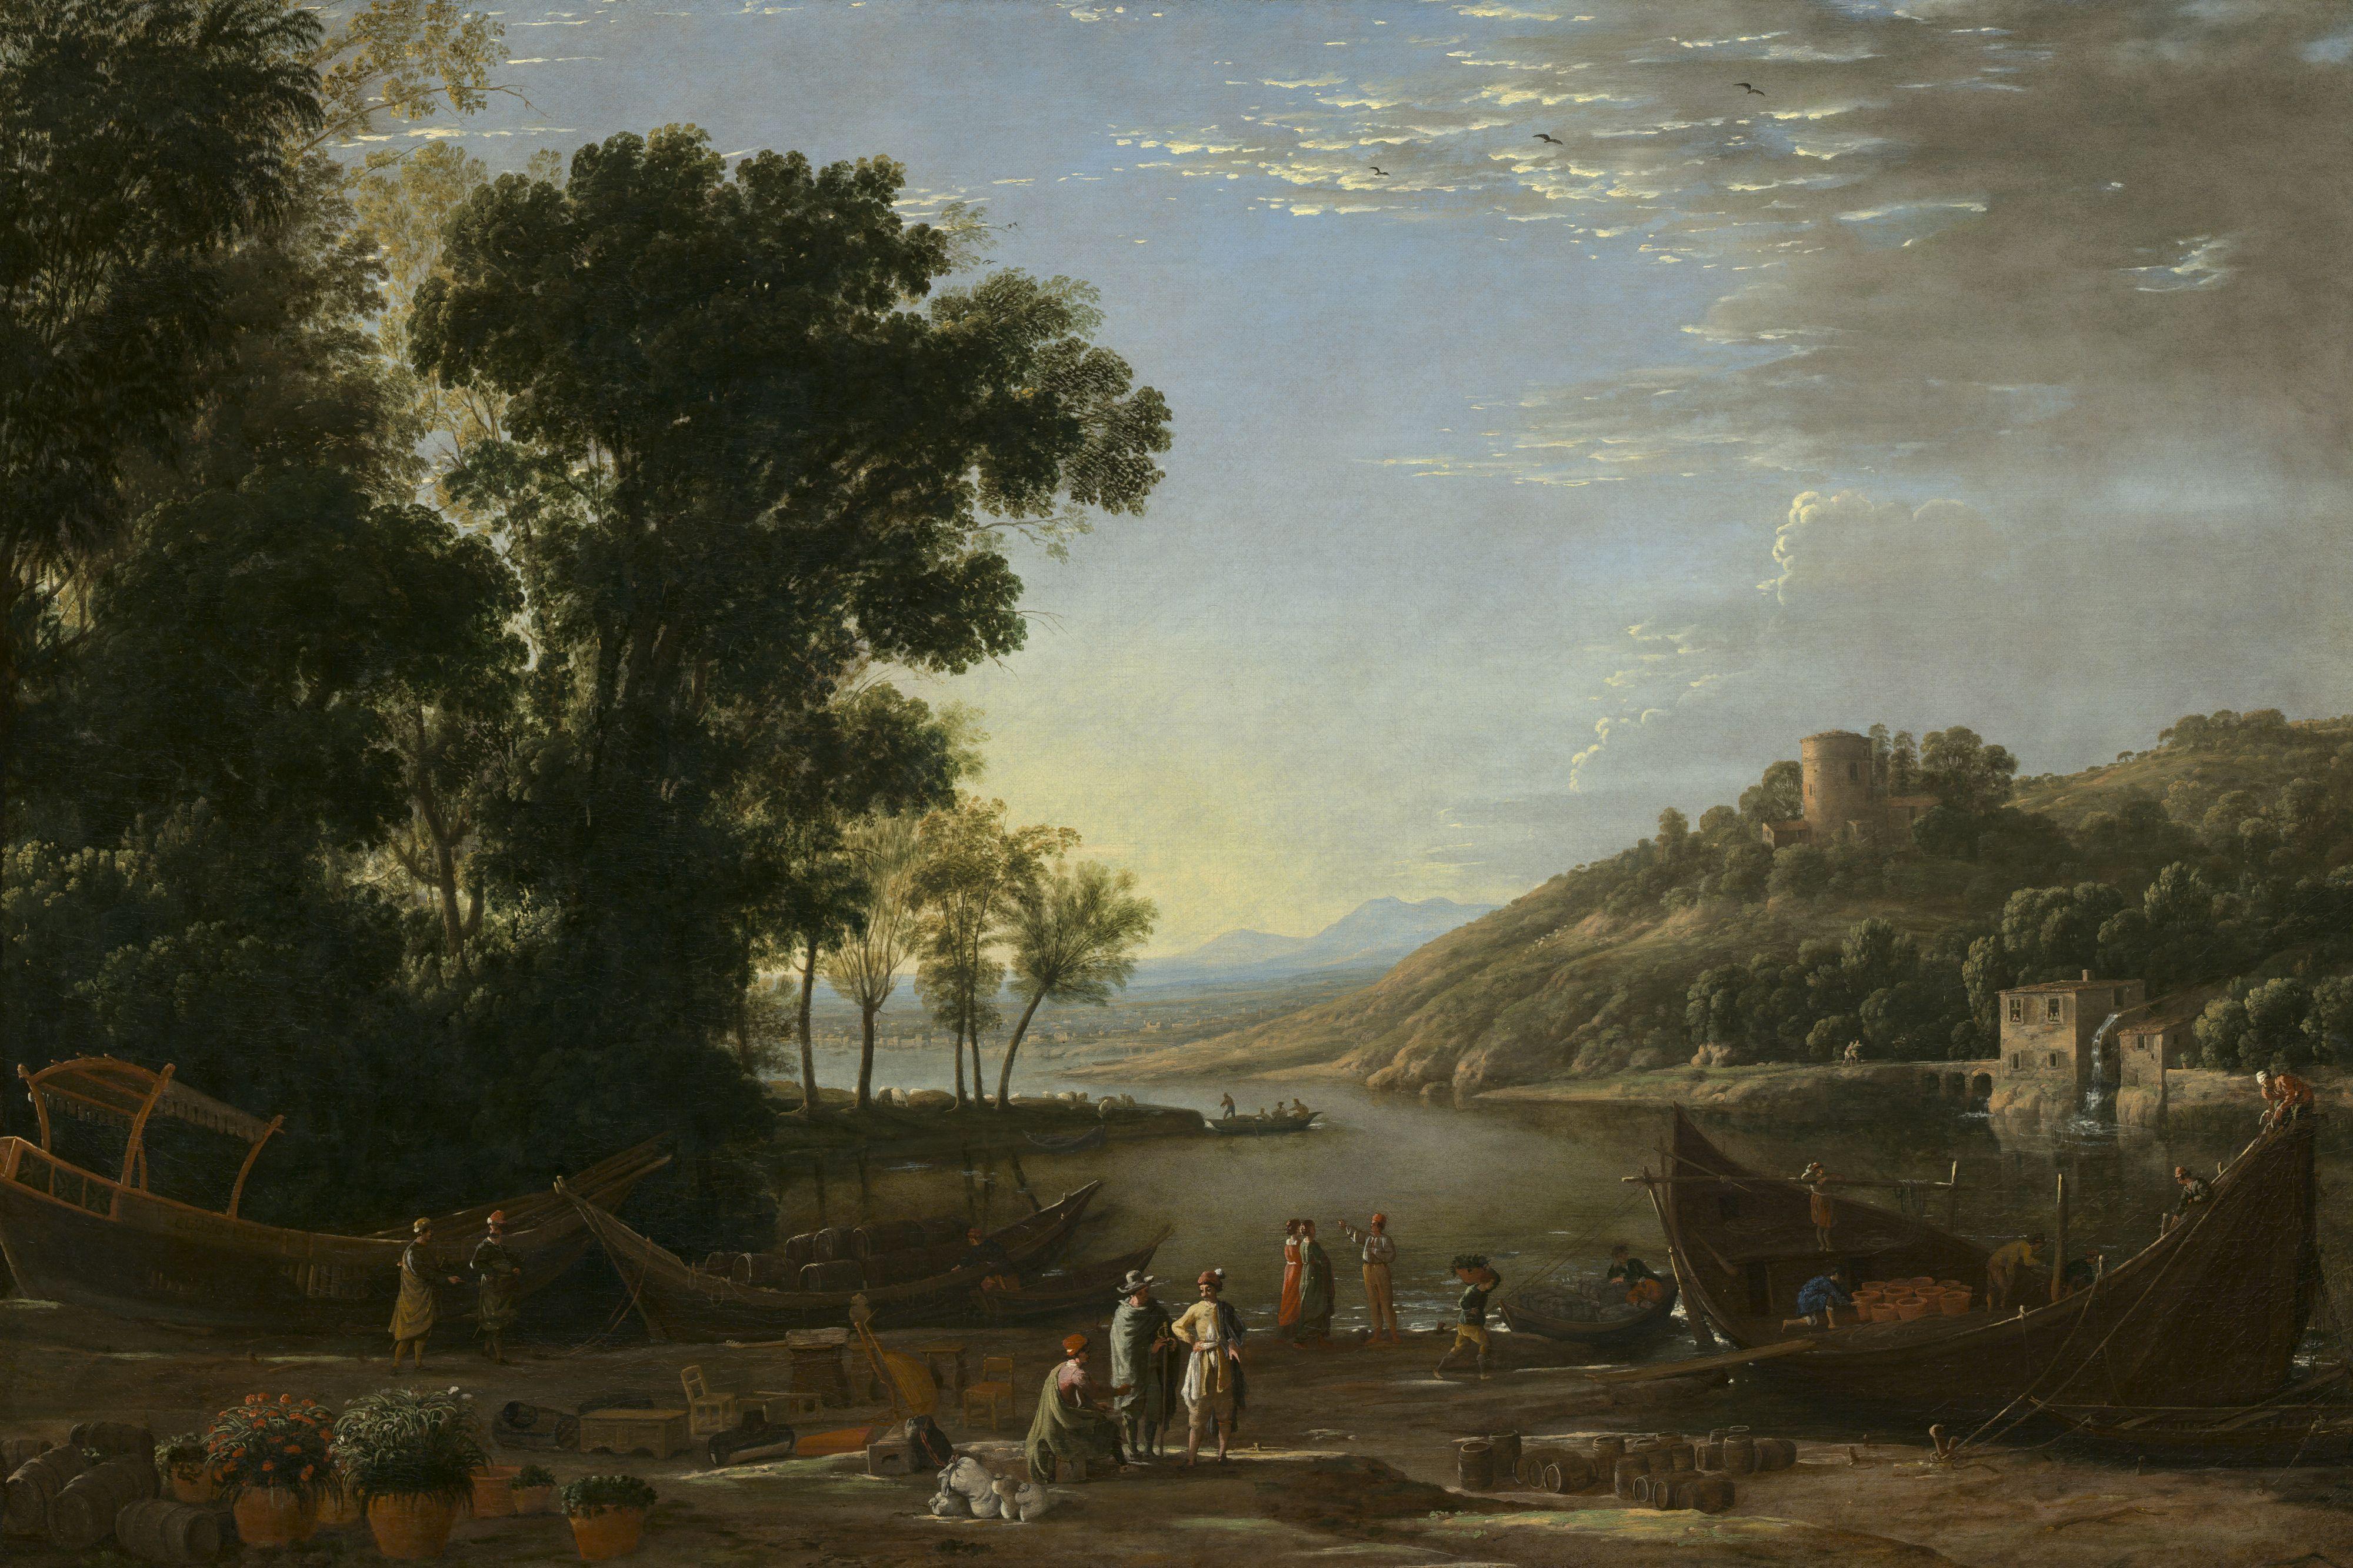 claude lorrain - paysage fluvial avec des marchands, c. 1629, oil on canvas, 97 x 143 cm (national gallery of art, washington d.c.)